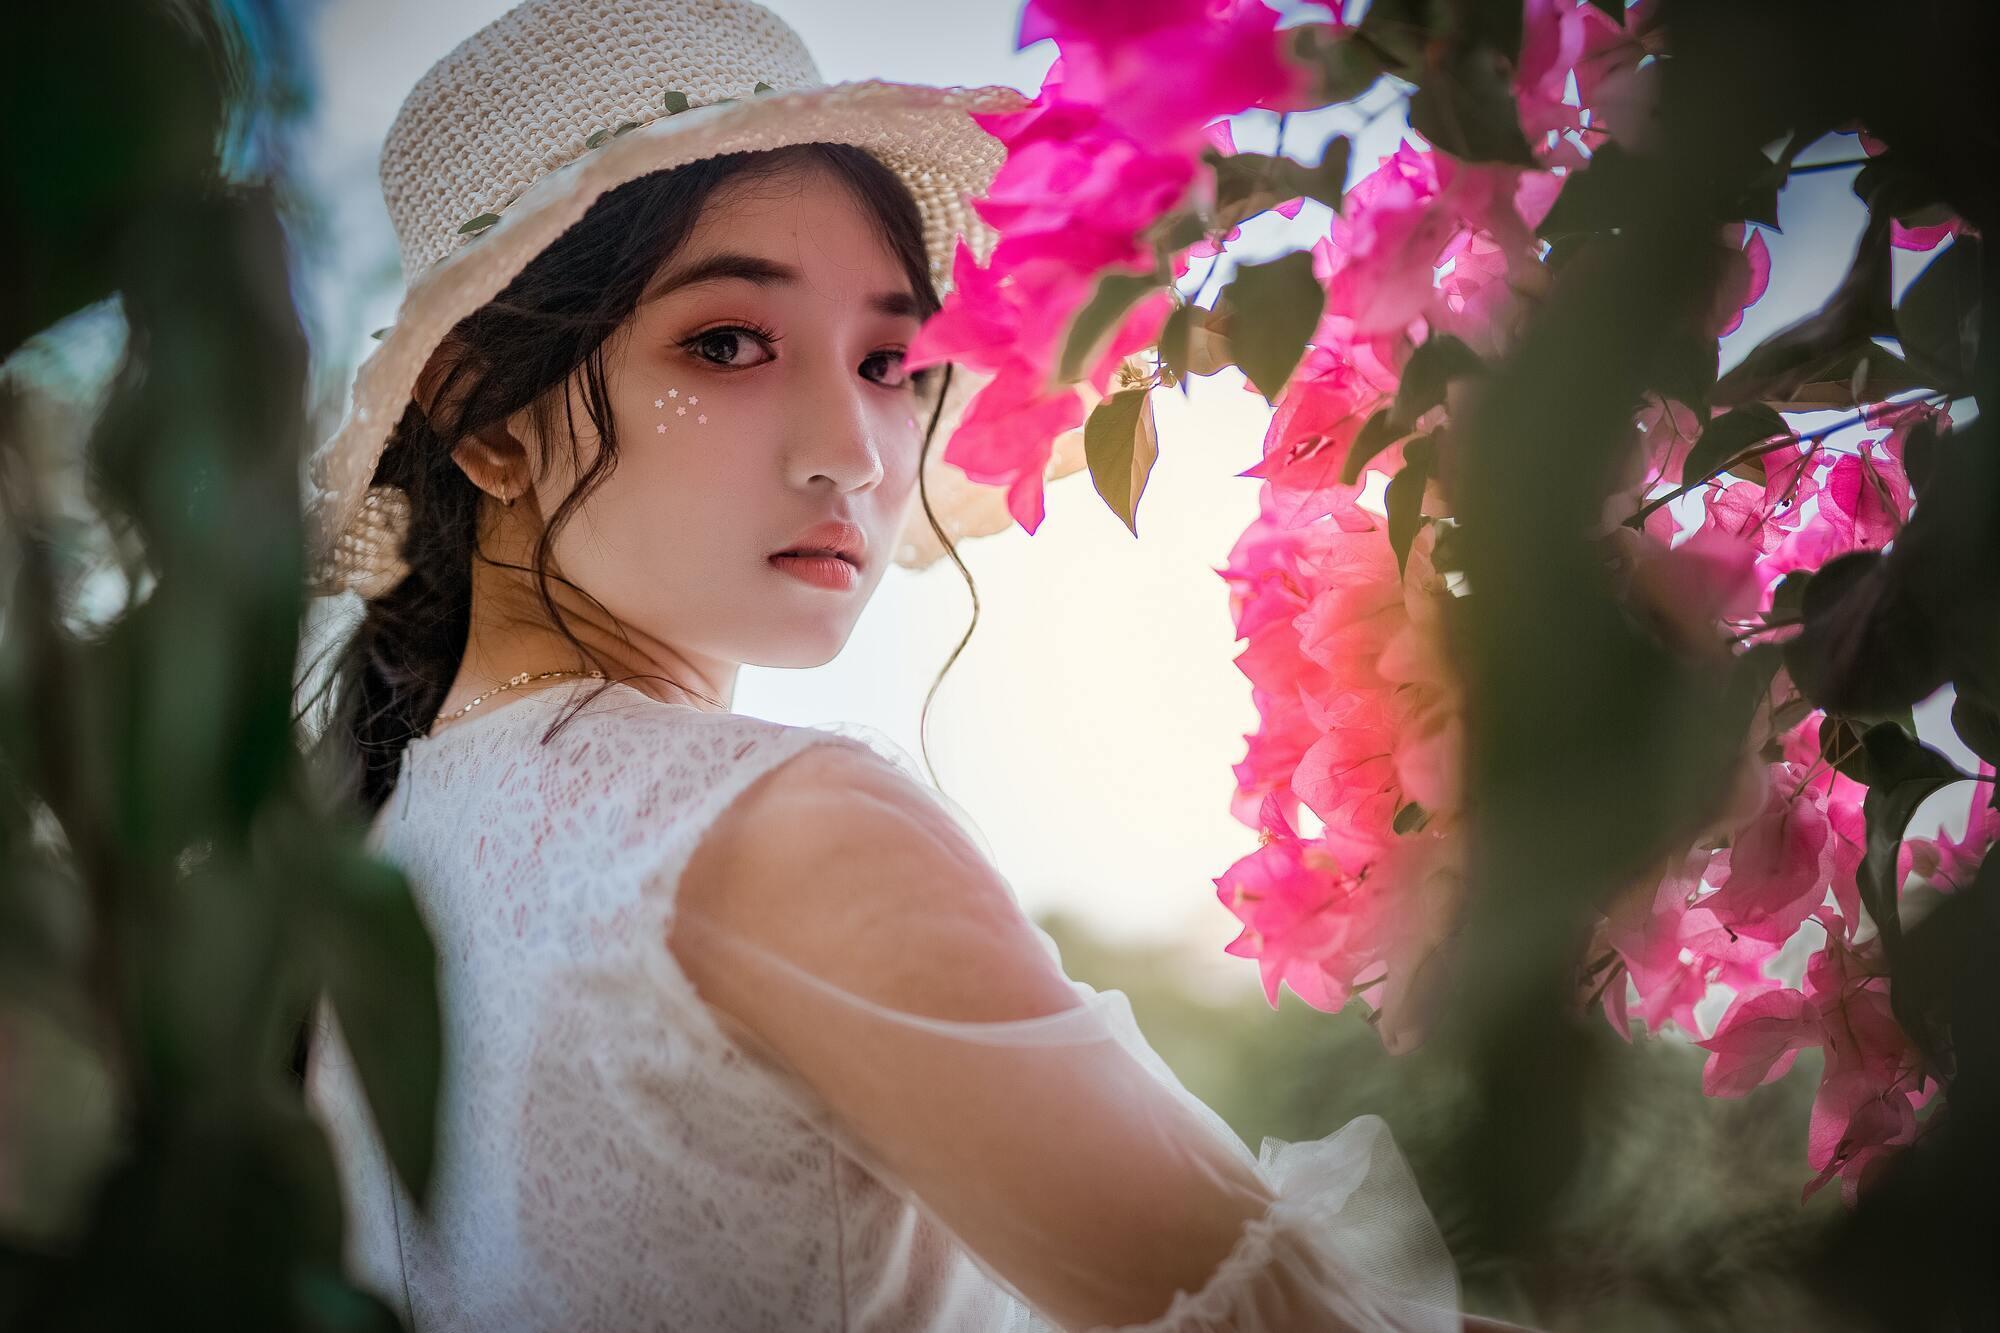 Санскрином корейские девушки начинают пользоваться с детства